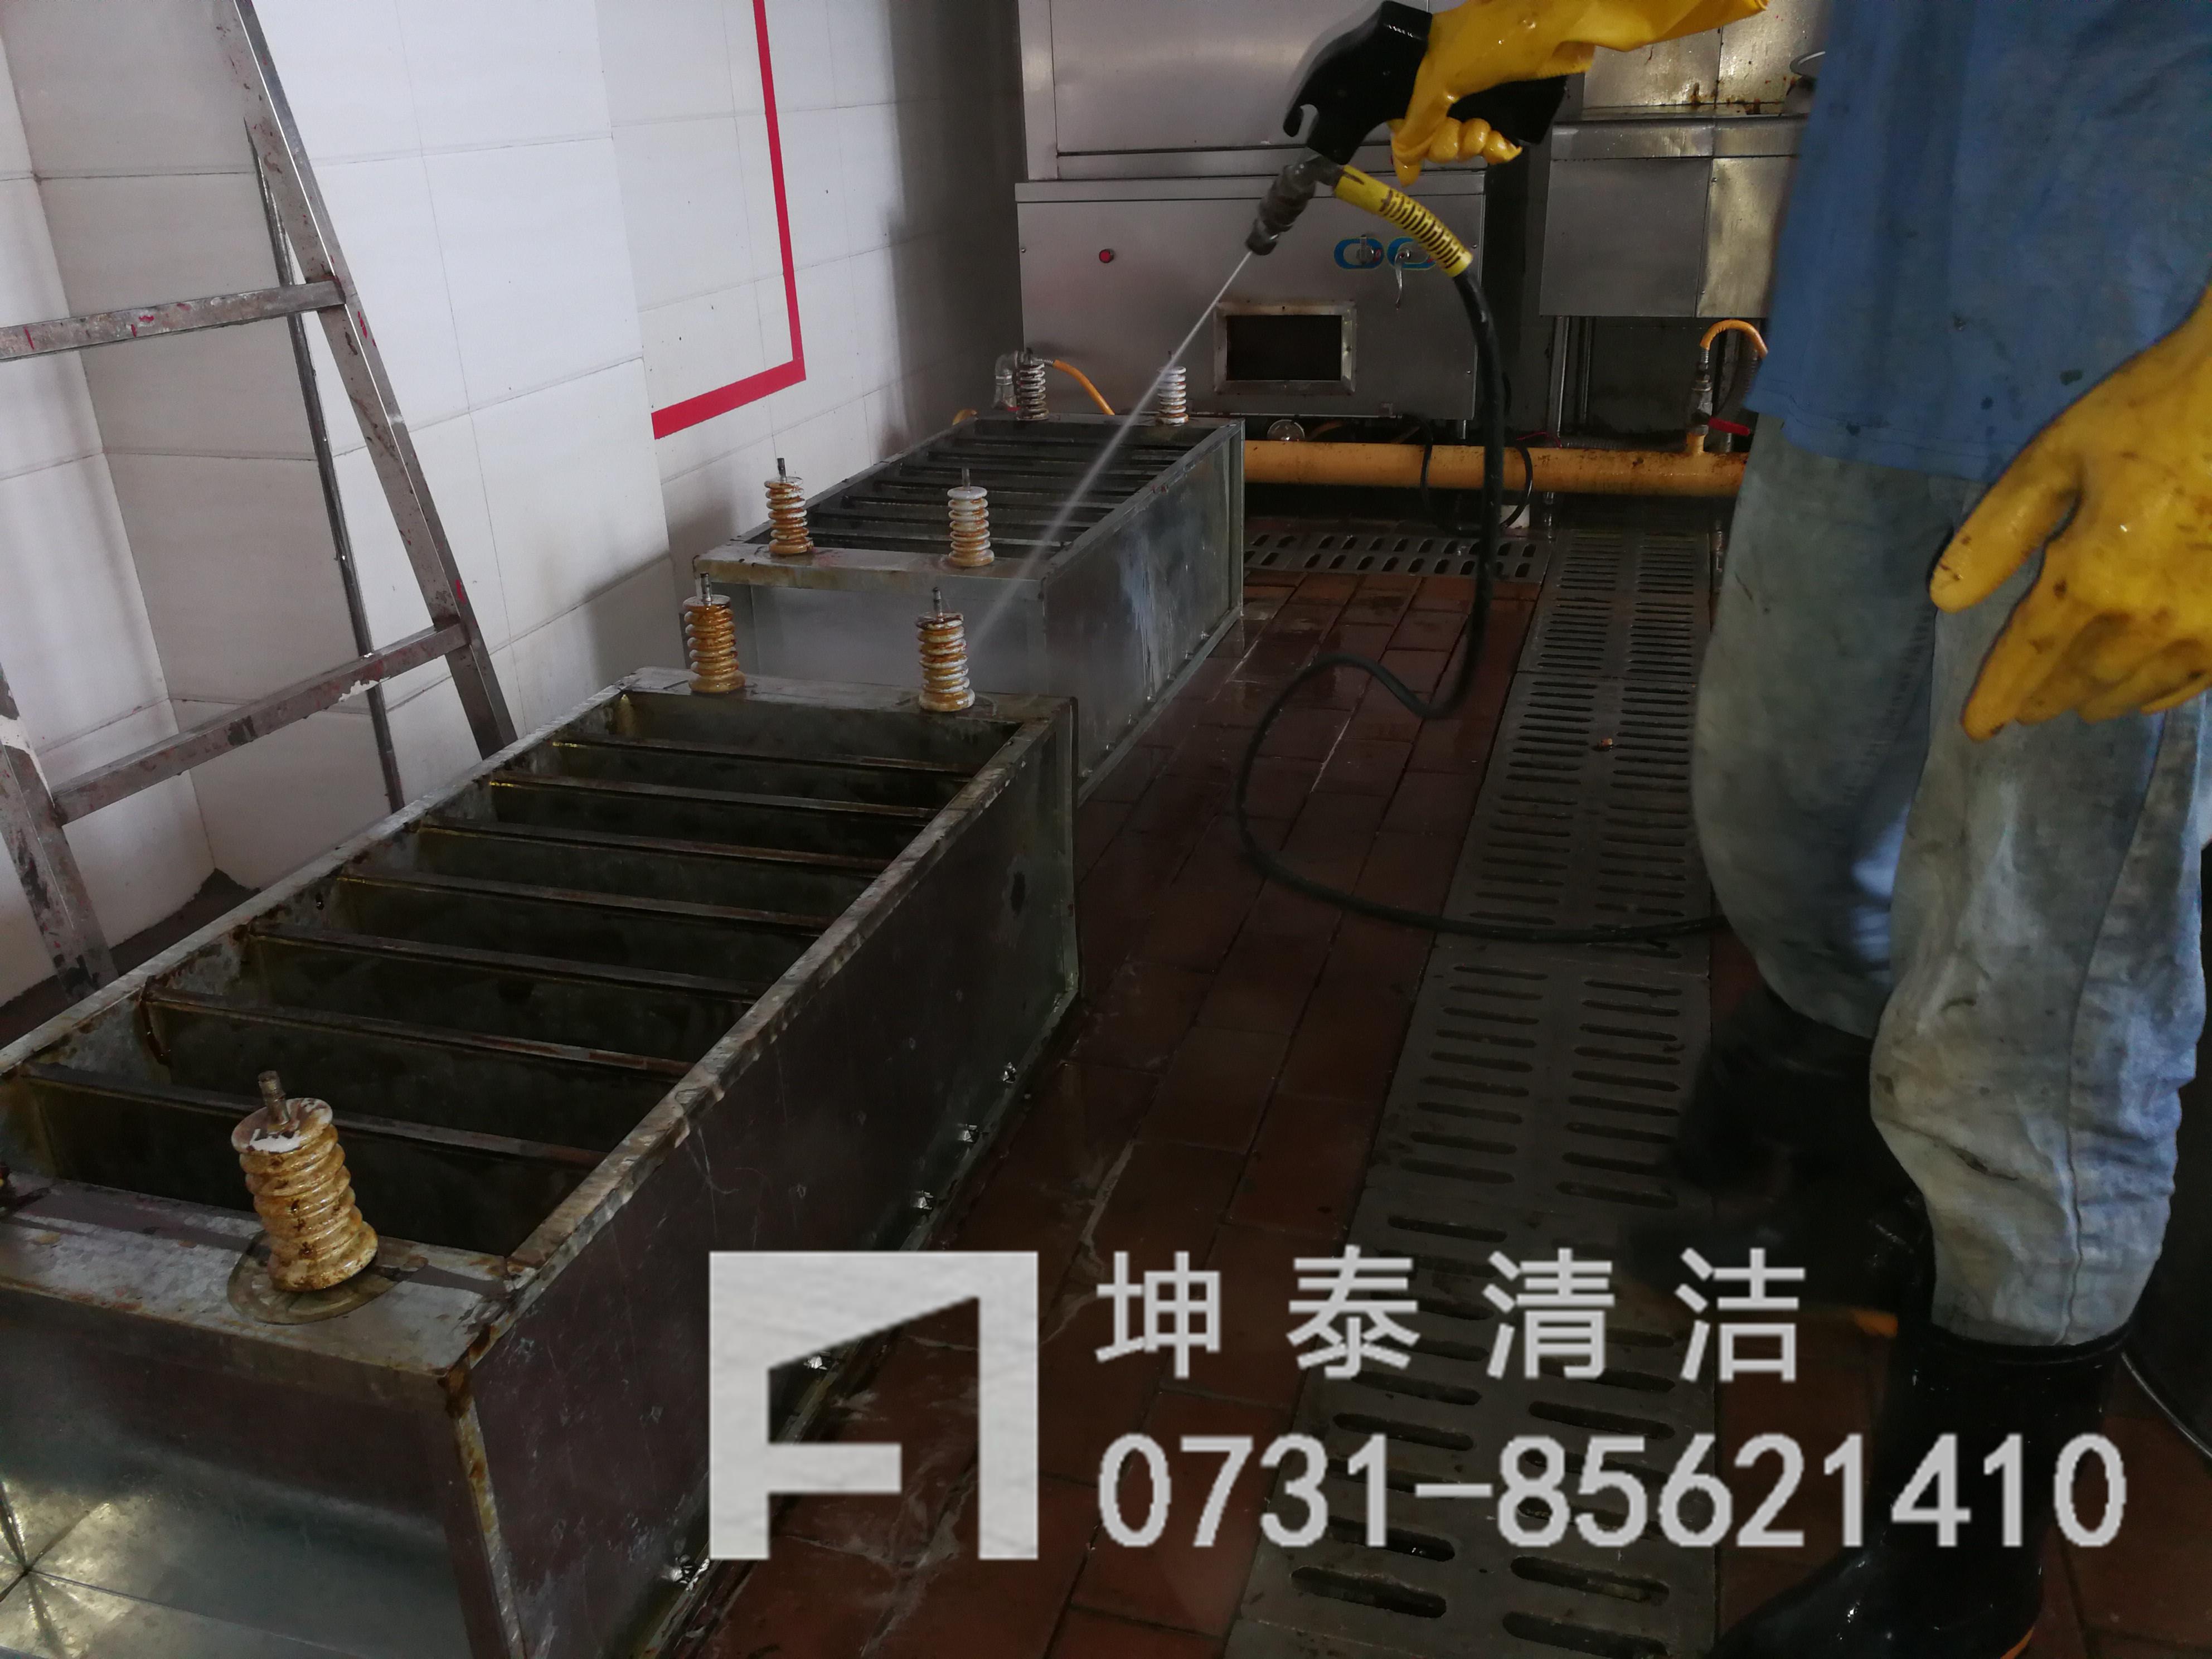 长沙坤泰清洁服务有限公司